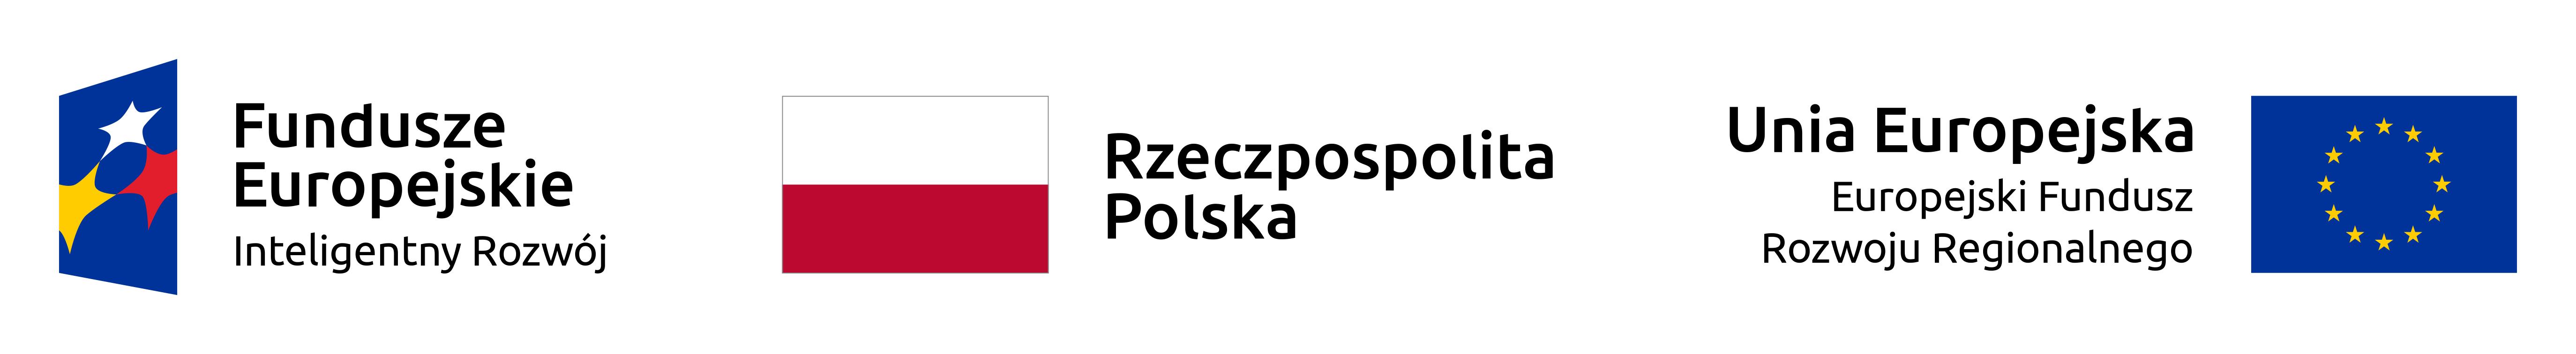 Fundusze Europejskie logo